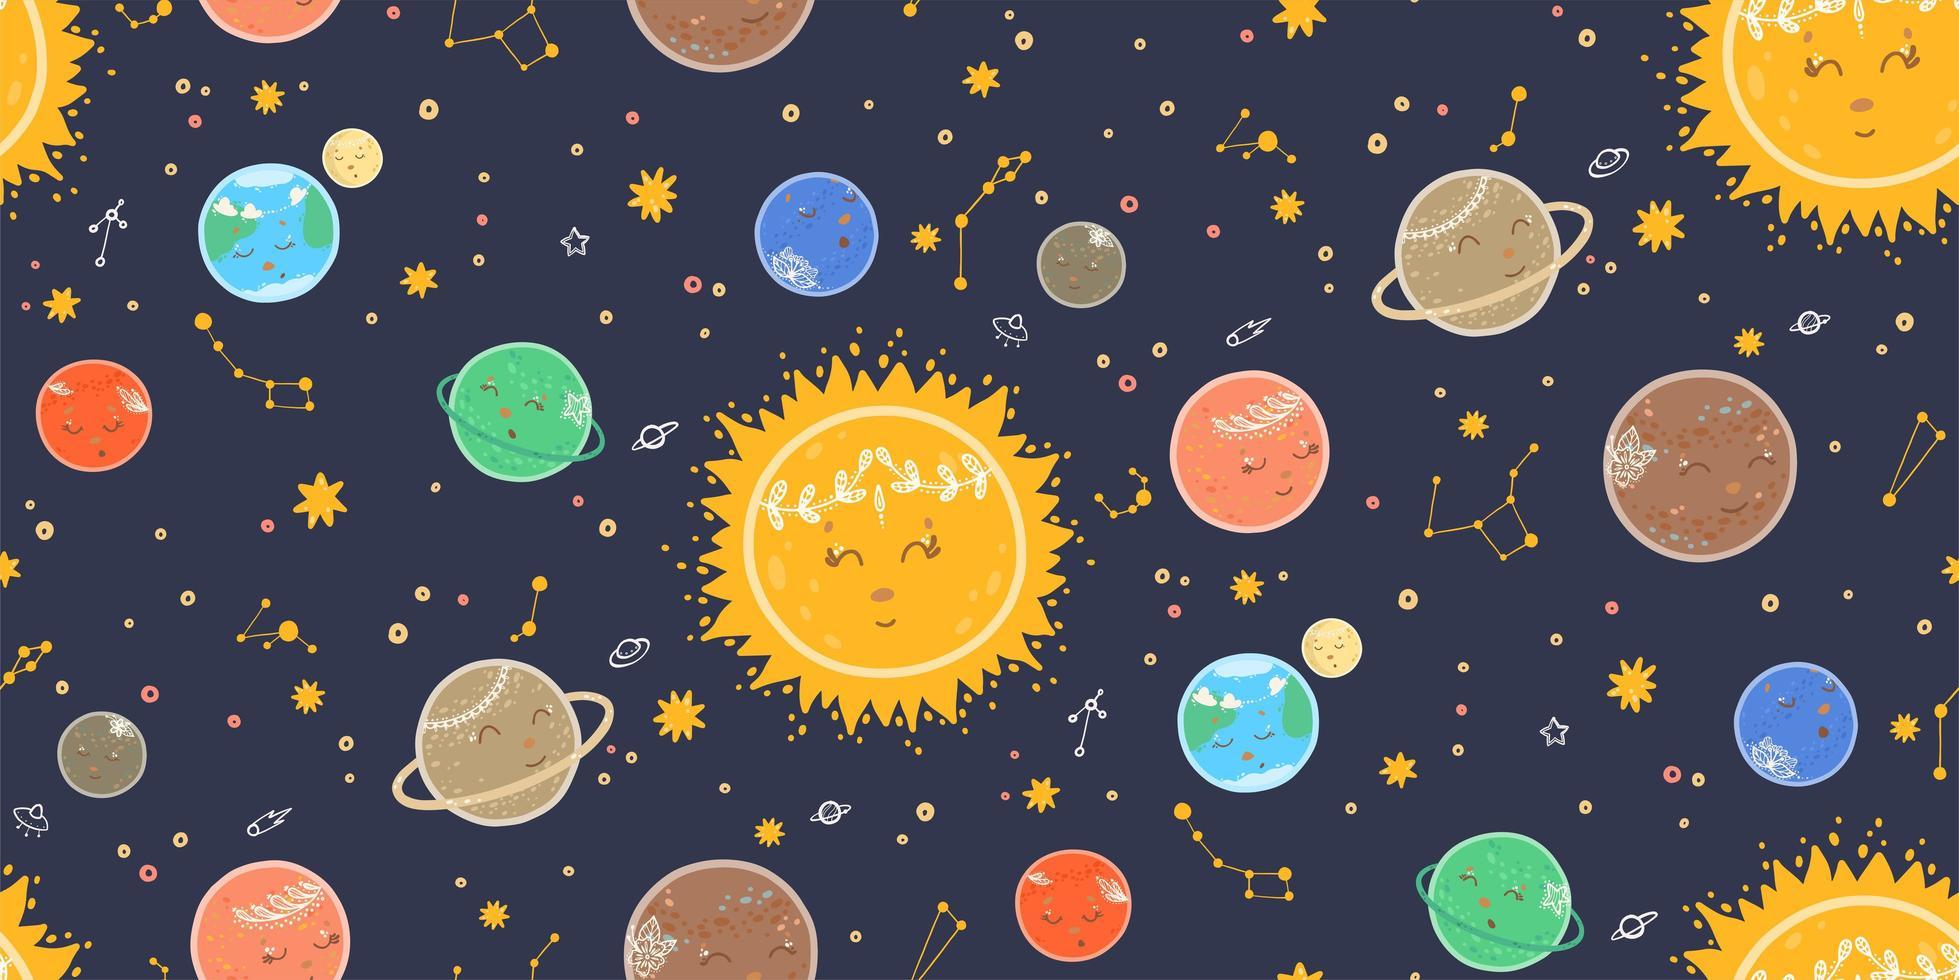 modèle d & # 39; espace sans couture avec des planètes endormies vecteur